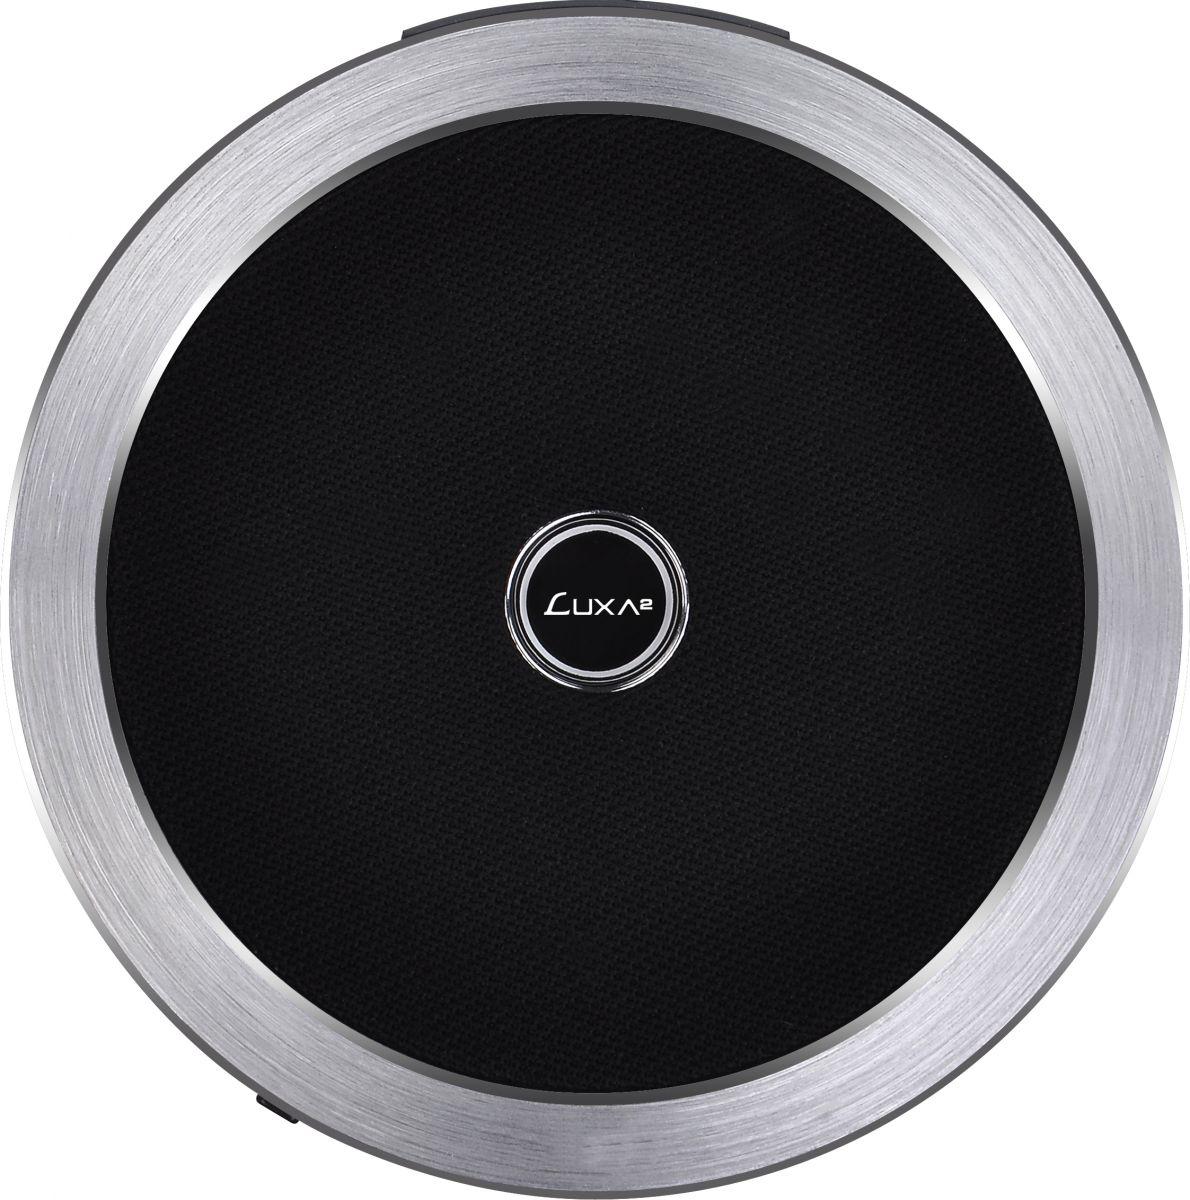 Suave circular design